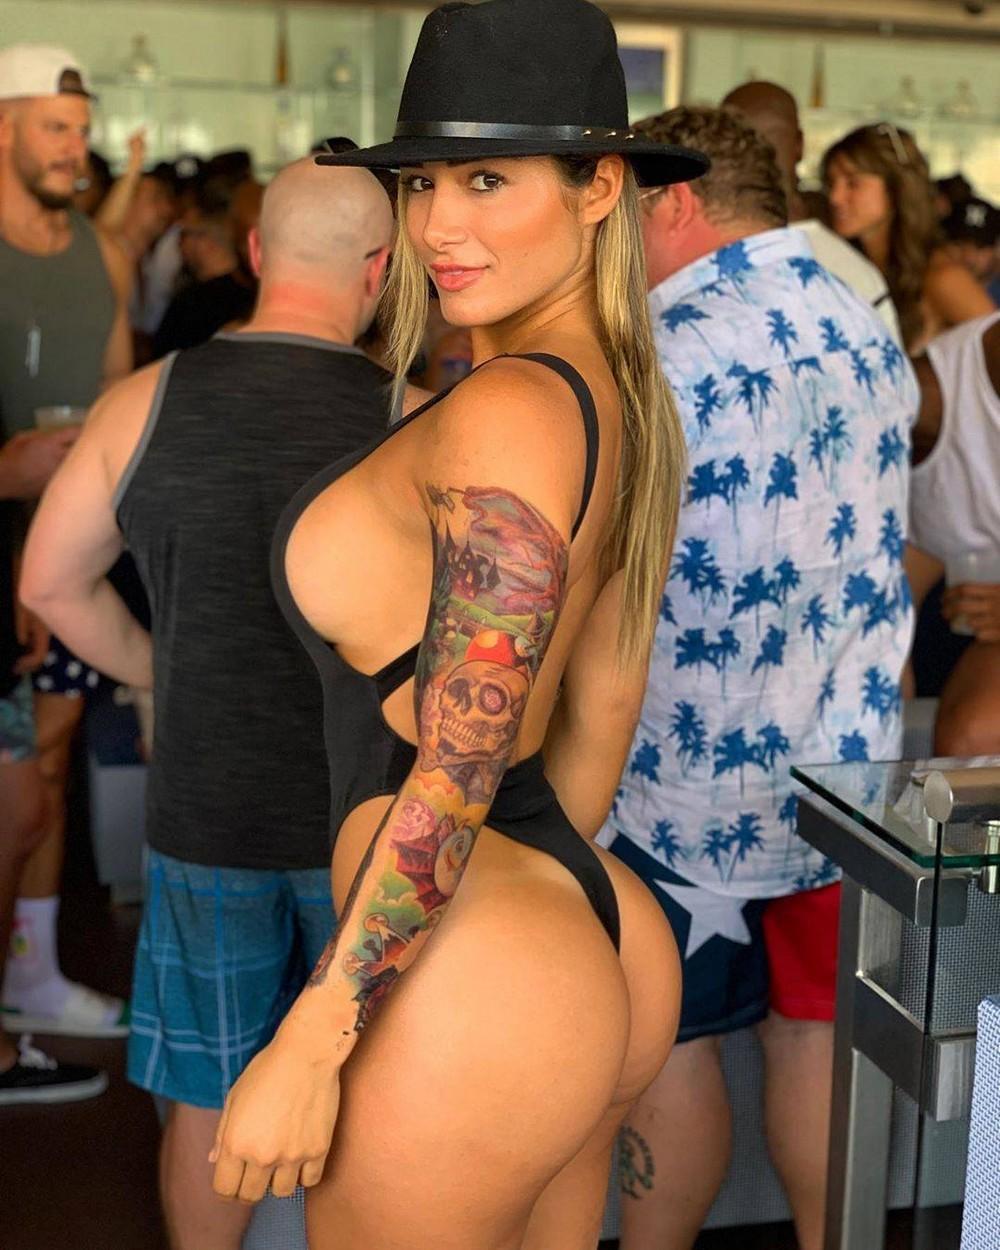 Ana Patricia Gamez Desnuda os gustan las mujeres tatuadas? - donvago